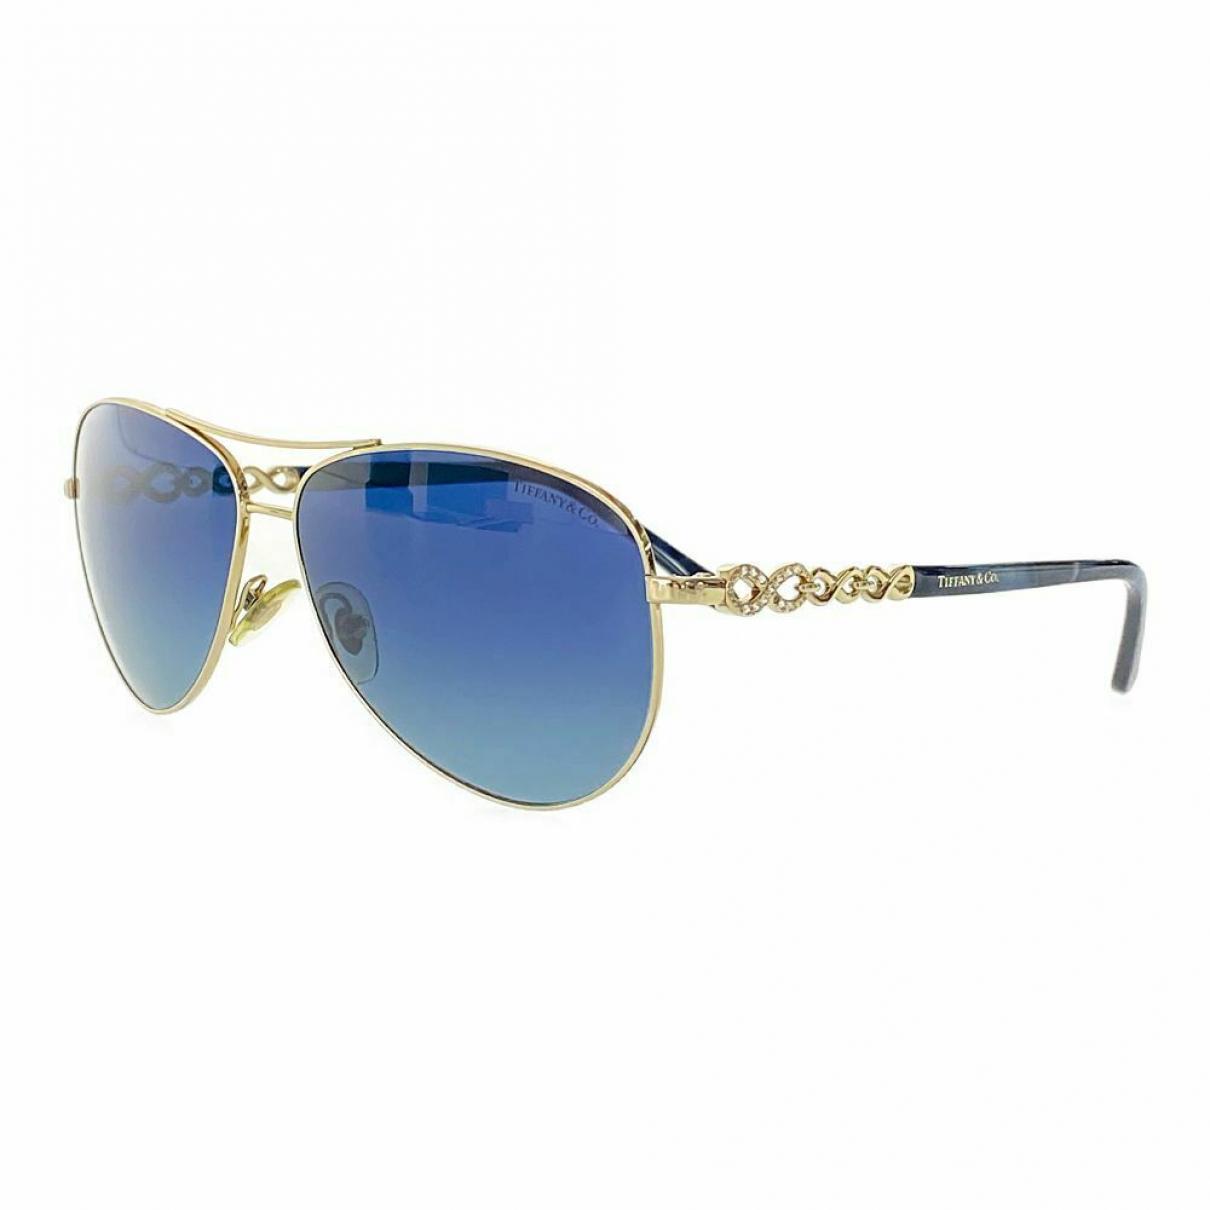 Gafas Tiffany & Co